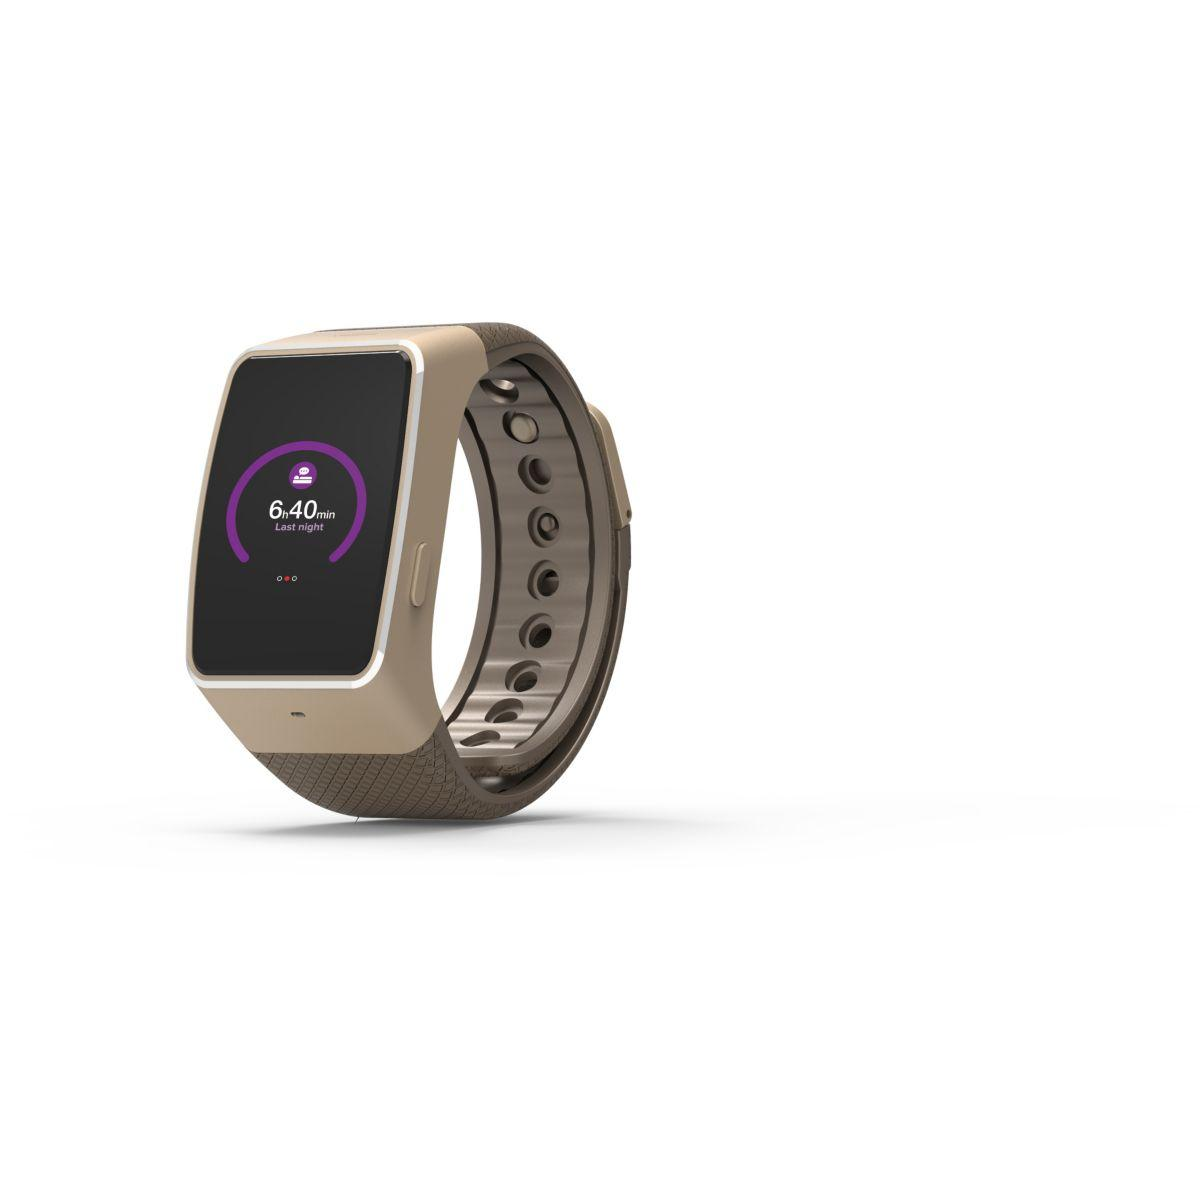 Montre mykronoz zewatch 4 marron hr - 10% de remise immédiate avec le code : top10 (photo)